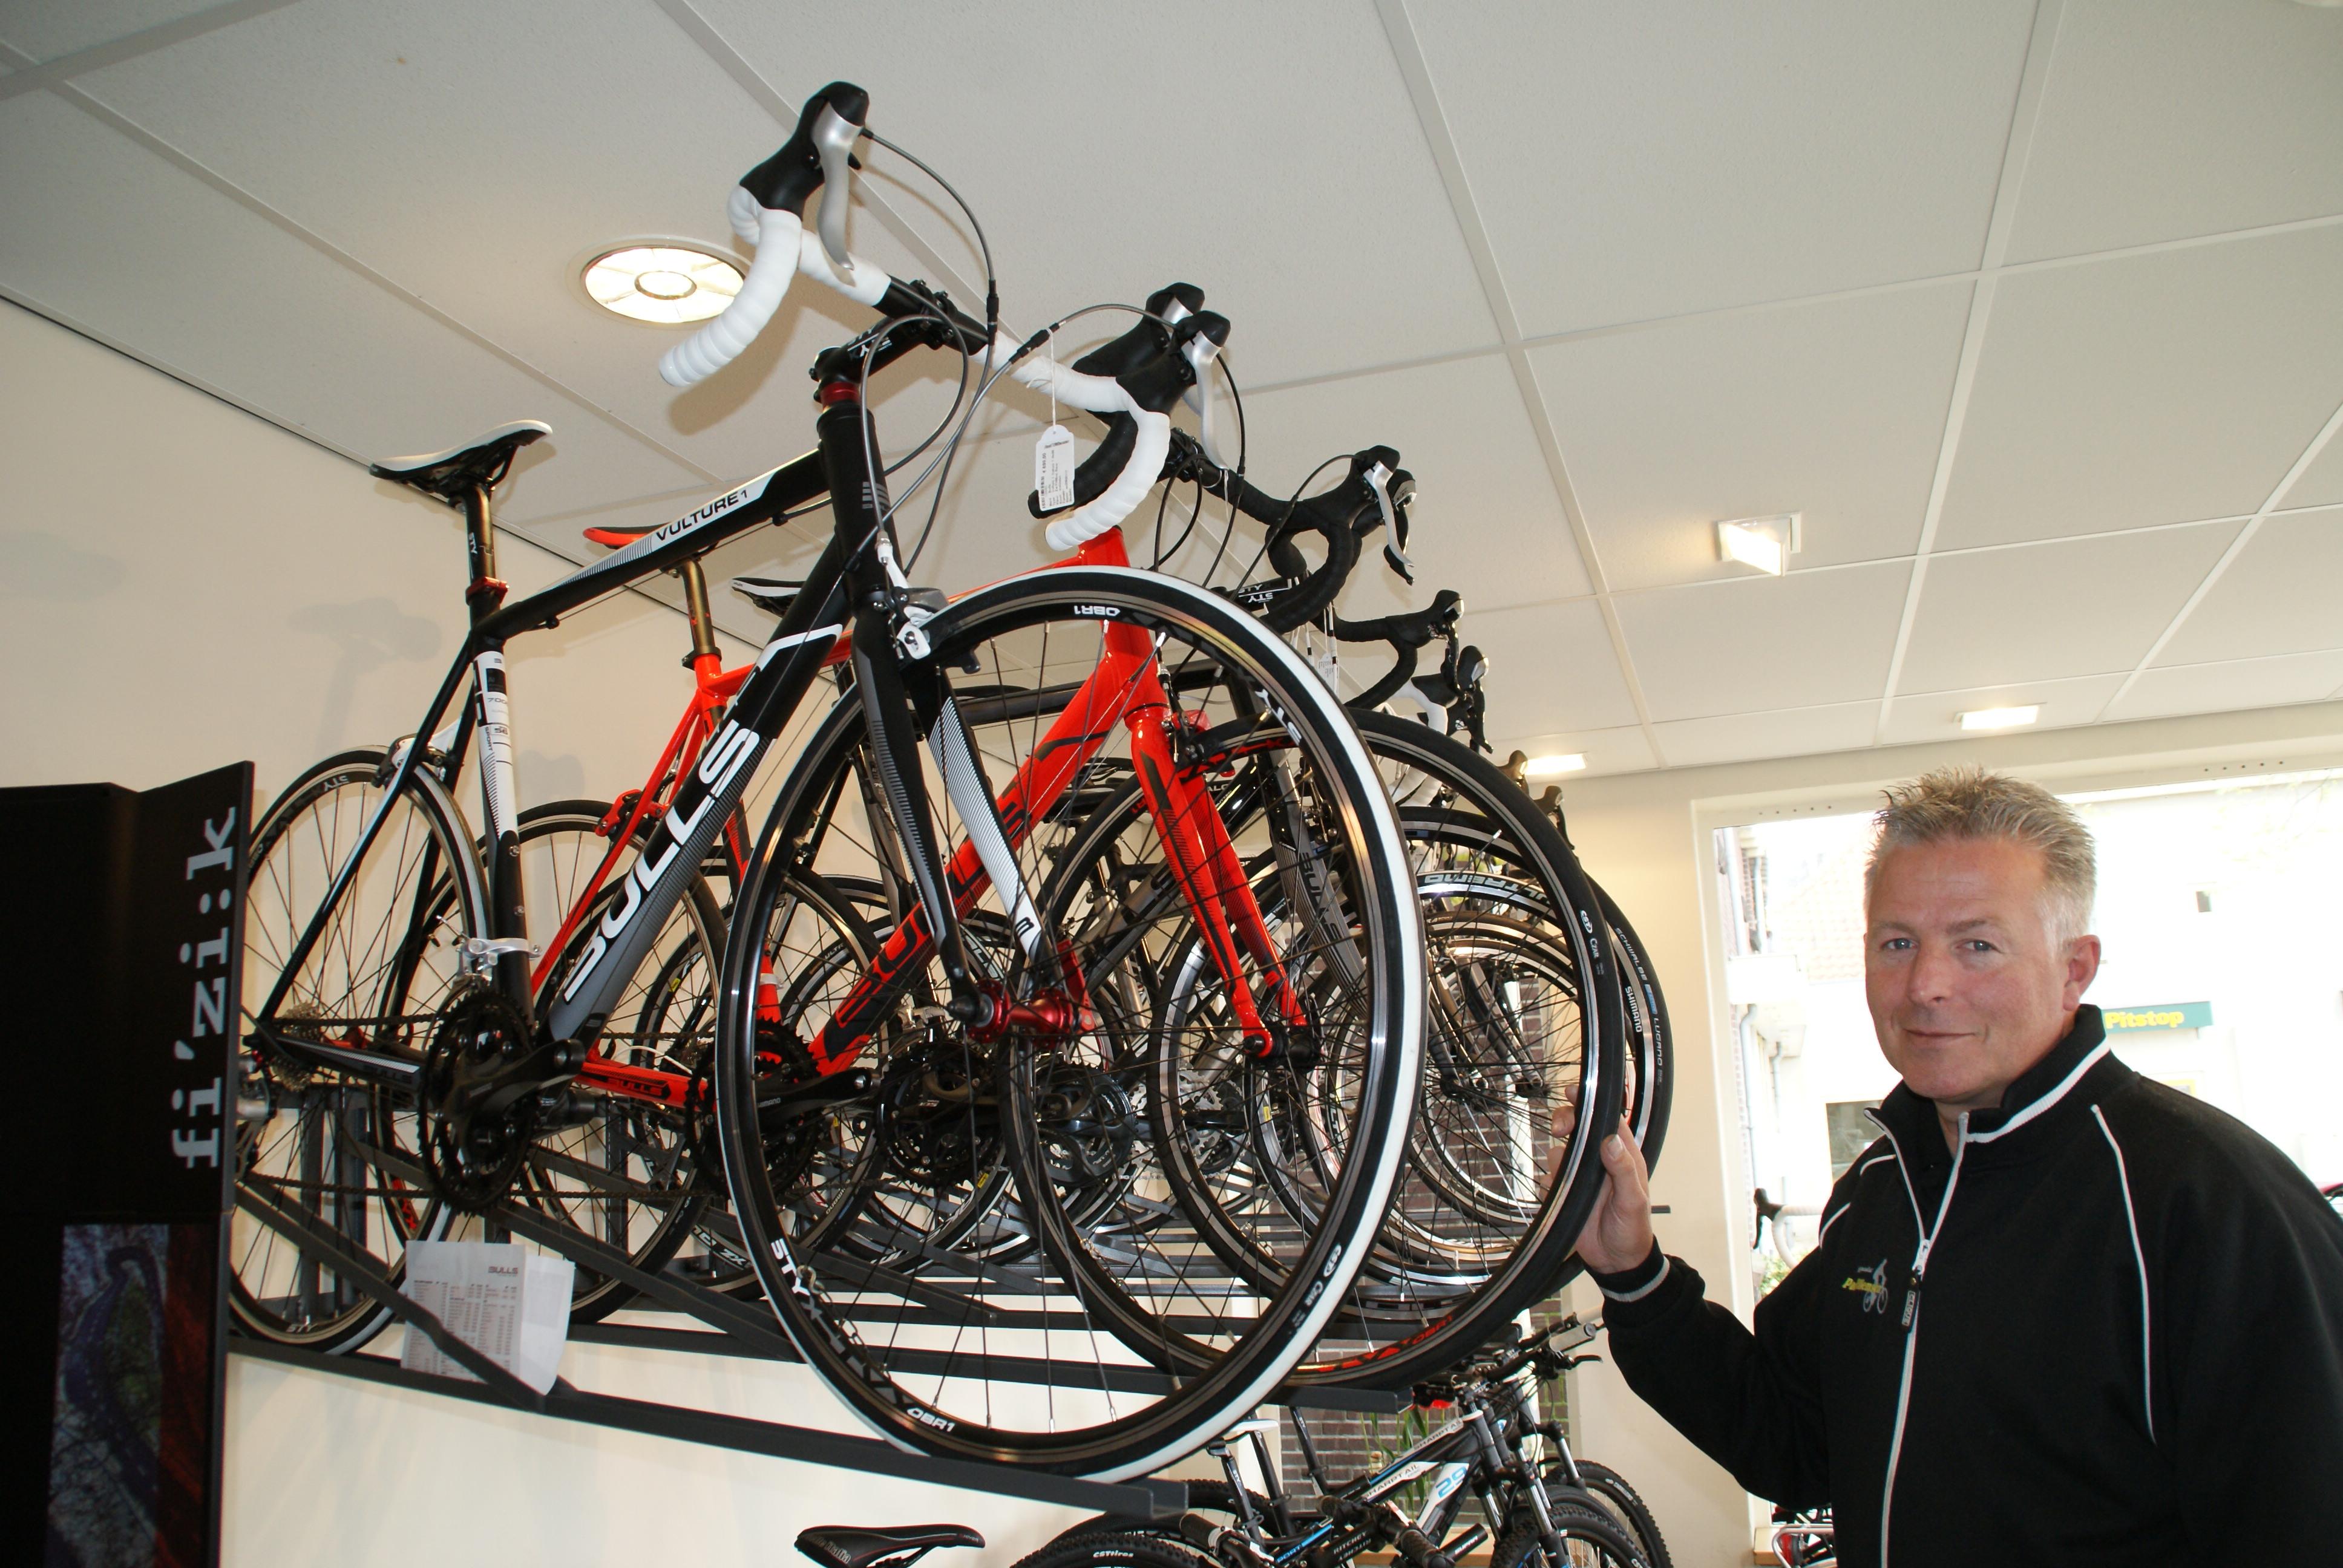 Paul Willemsen Rijwielspecialist Is Ook Thuis In Racefietsen Delft